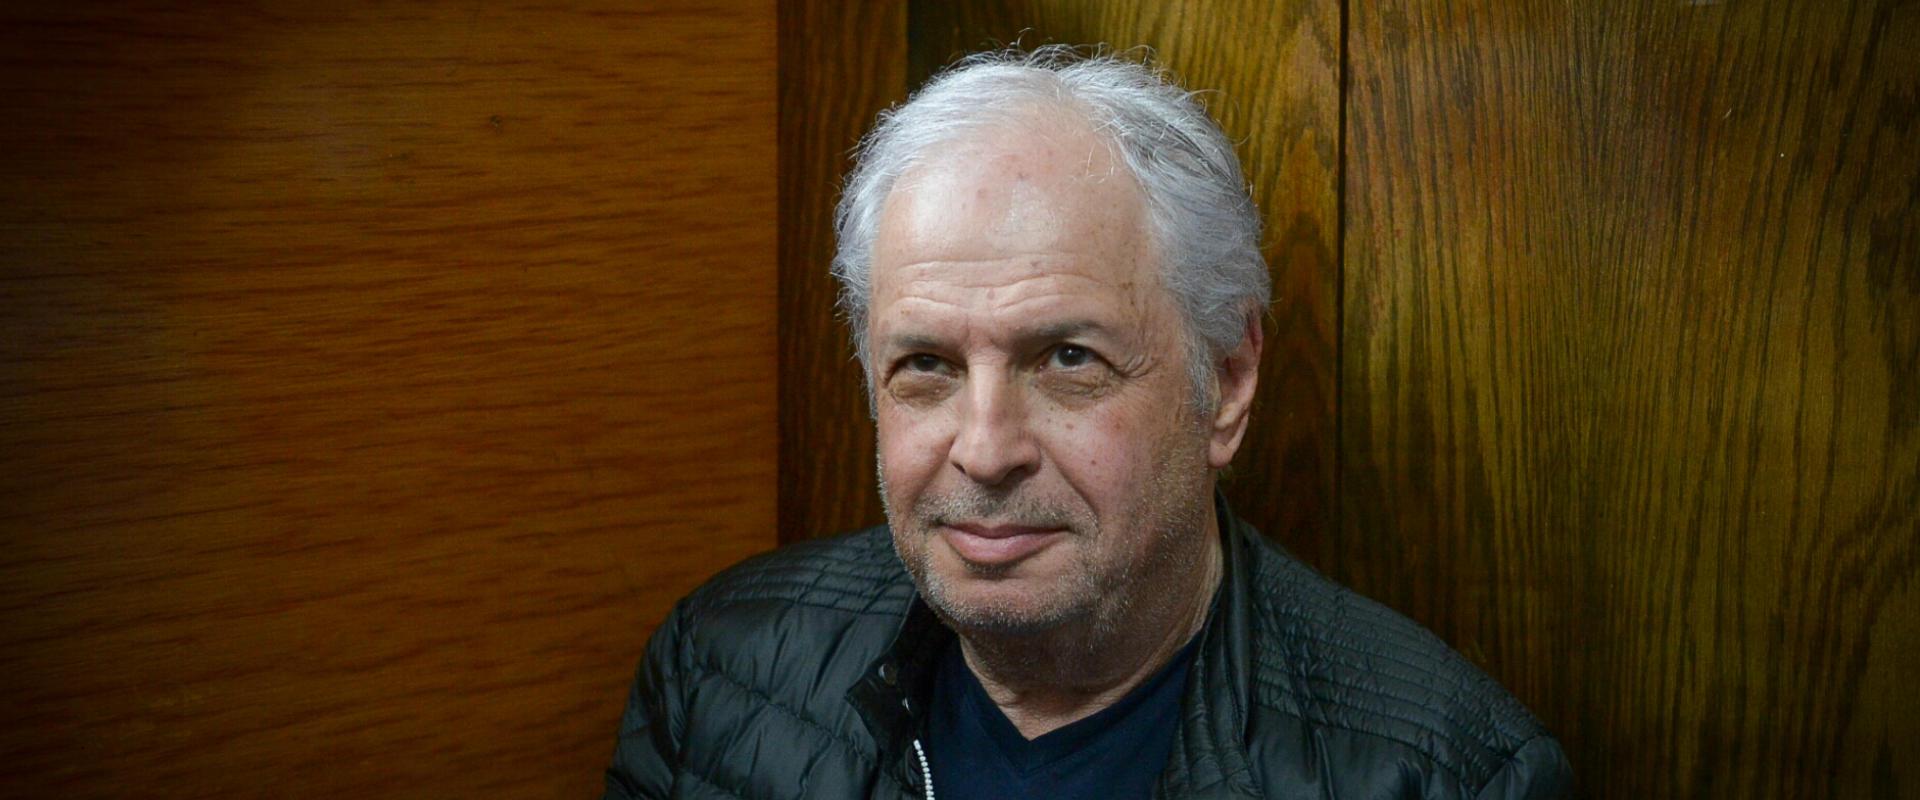 """בעל השליטה לשעבר ב""""בזק"""", שואל אלוביץ'"""